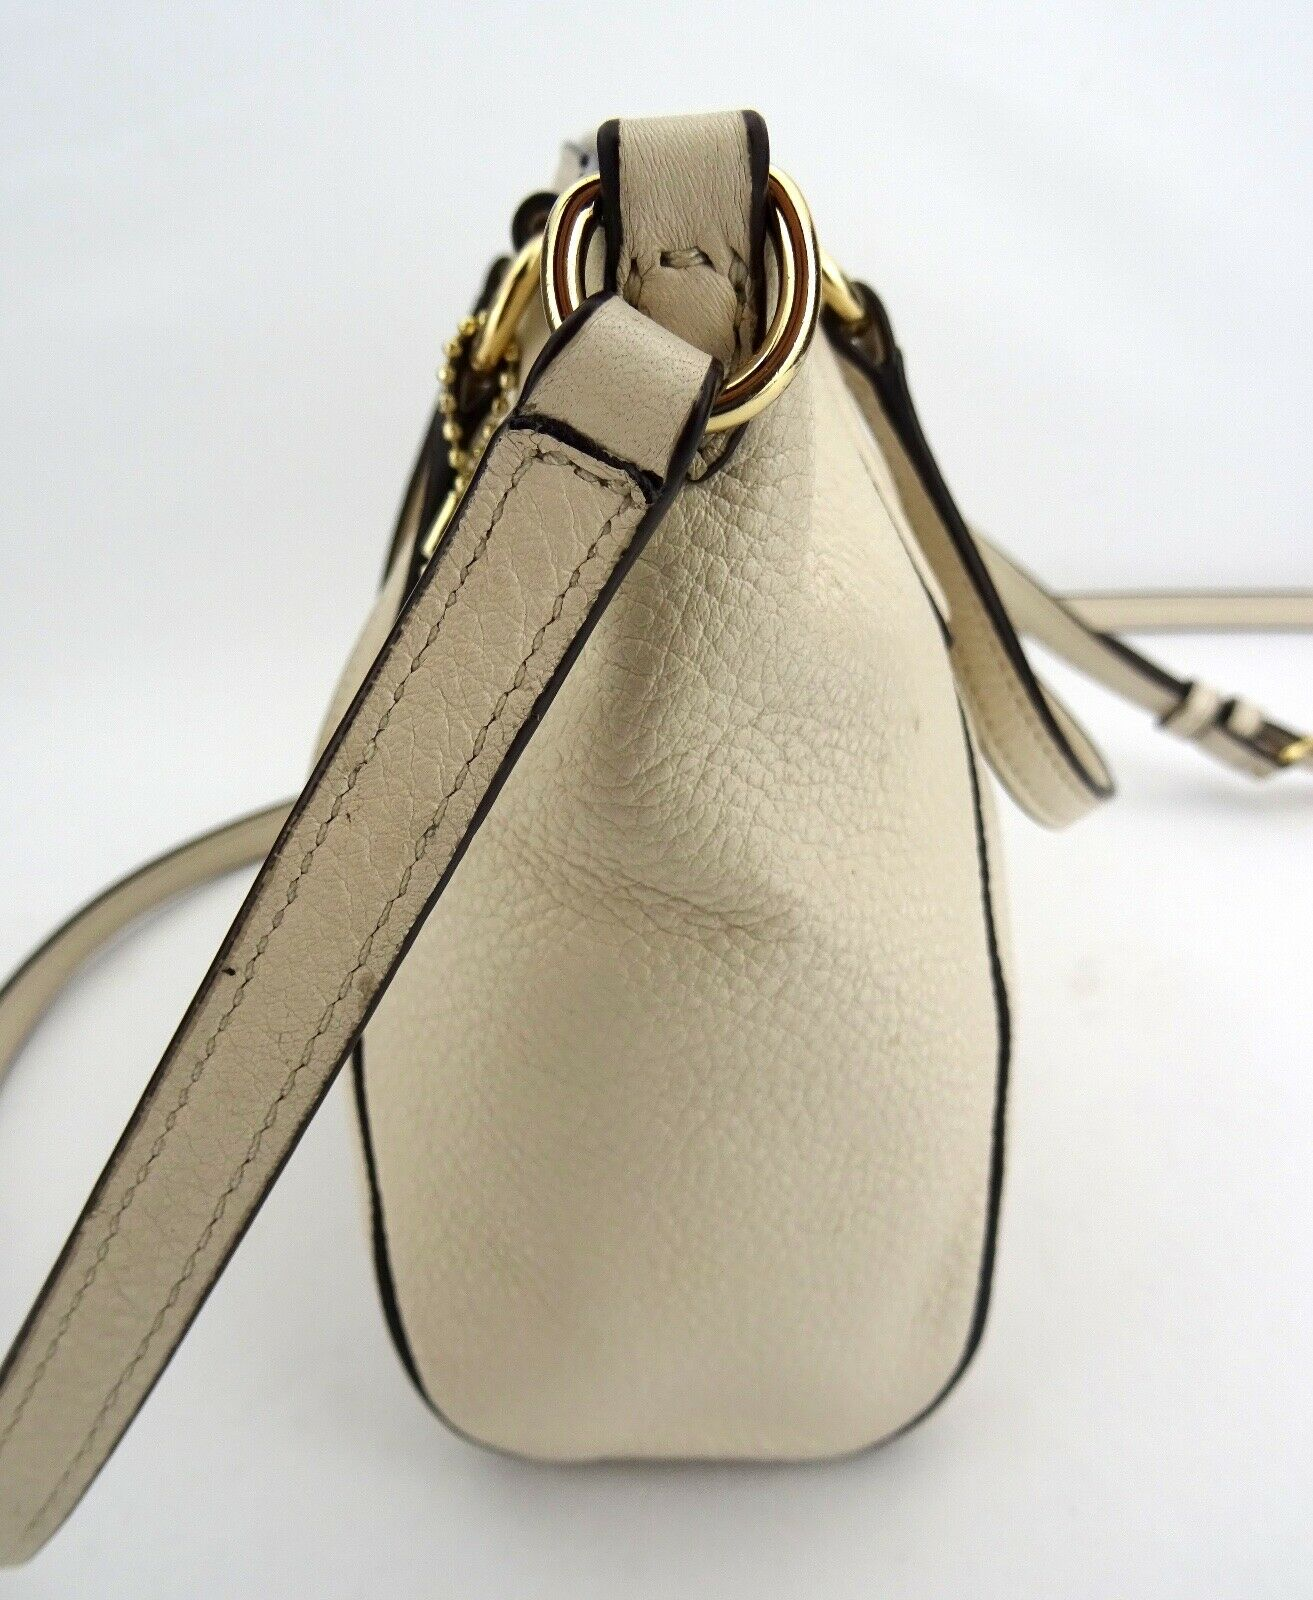 LYDC Designer-Handtasche im Aktentaschenformat